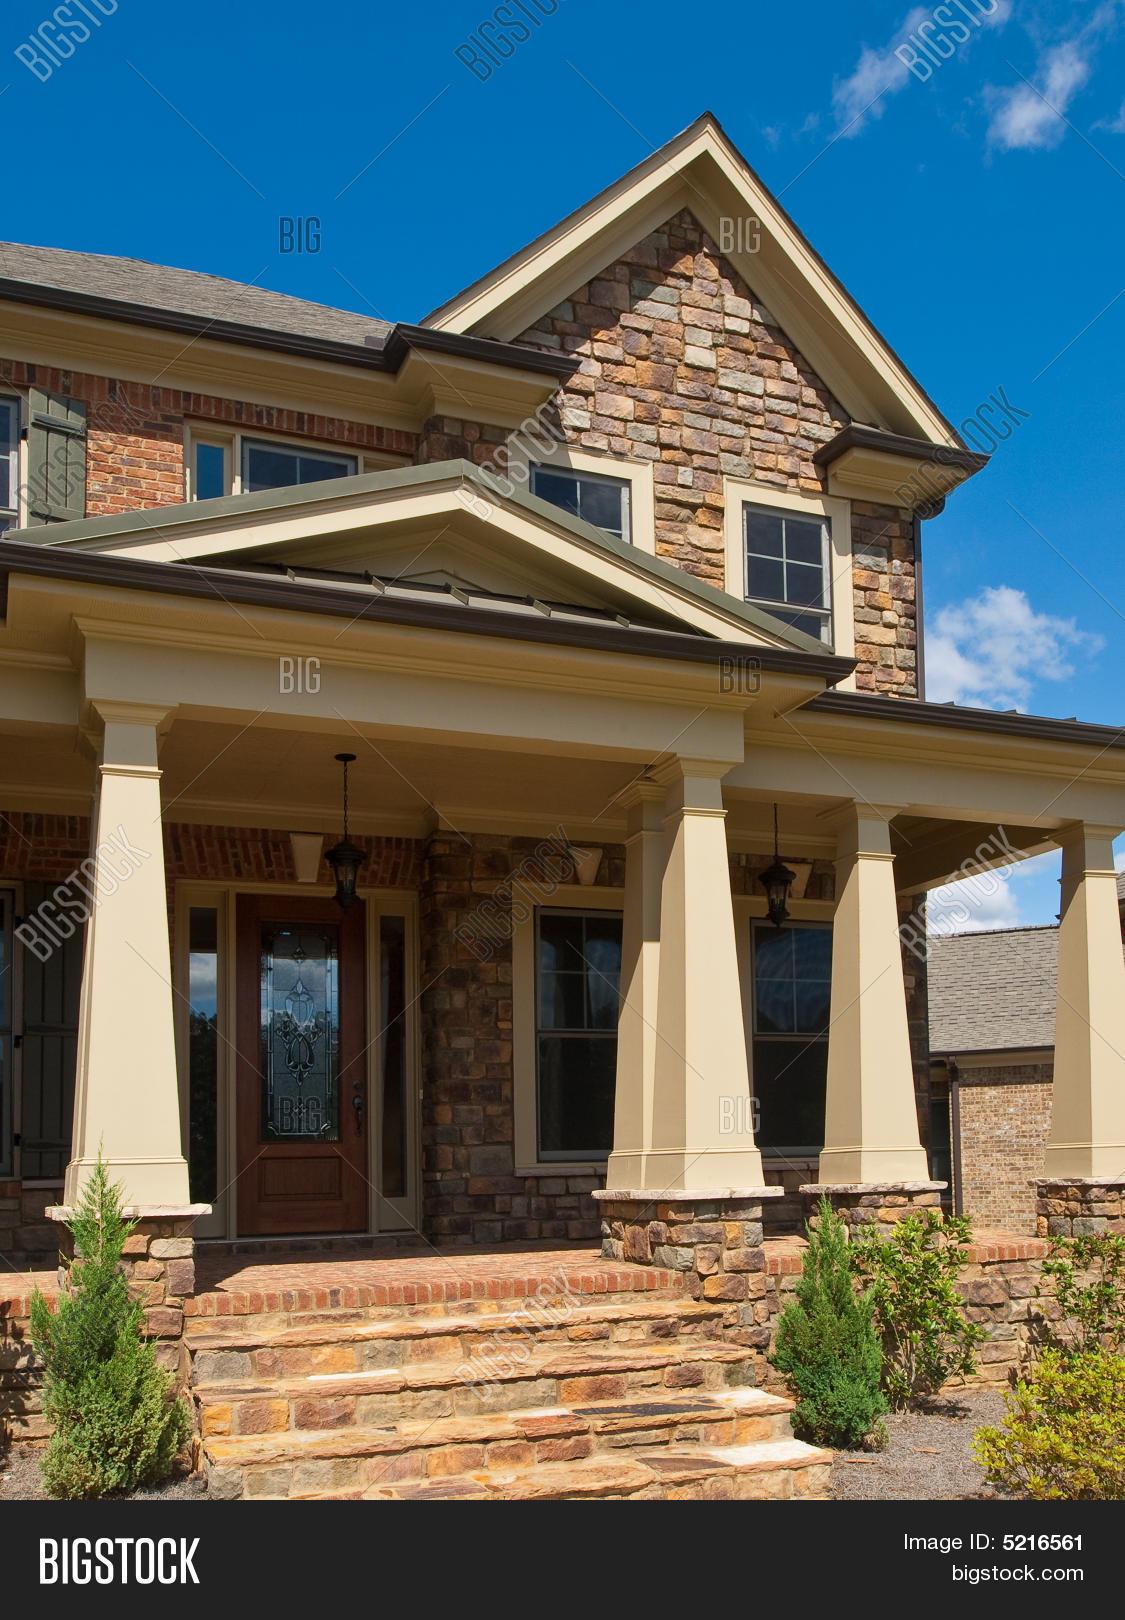 Luxury model home column exterior entrance stock photo for Model home exterior photos